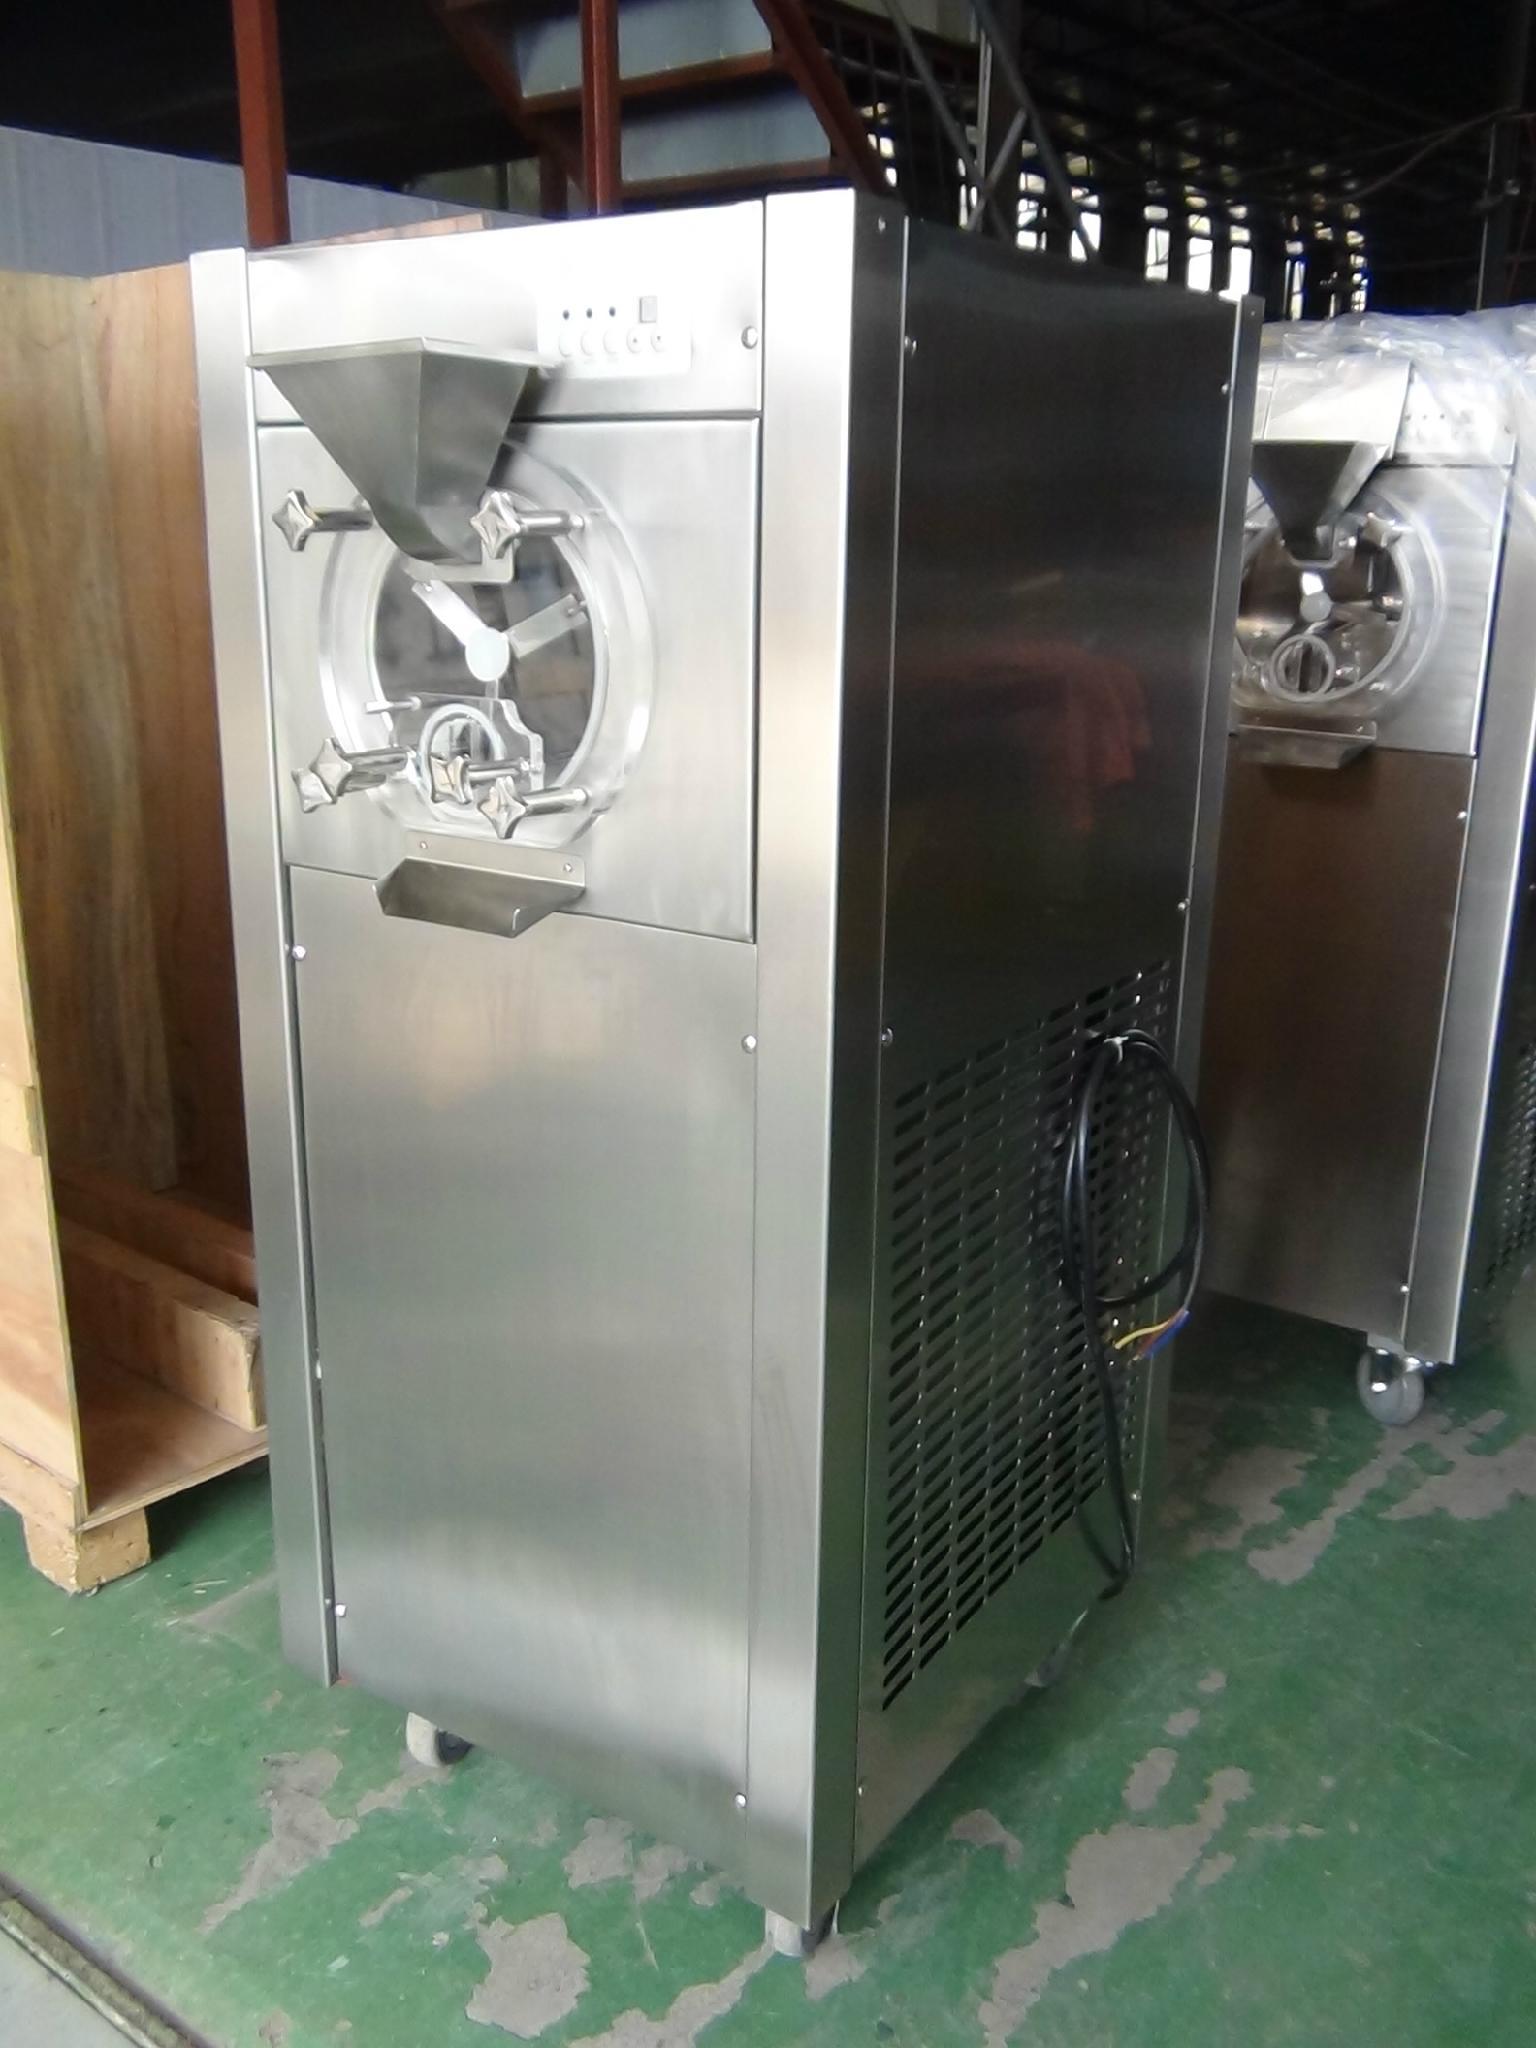 YB-20硬冰淇淋機,硬冰淇淋機多少錢